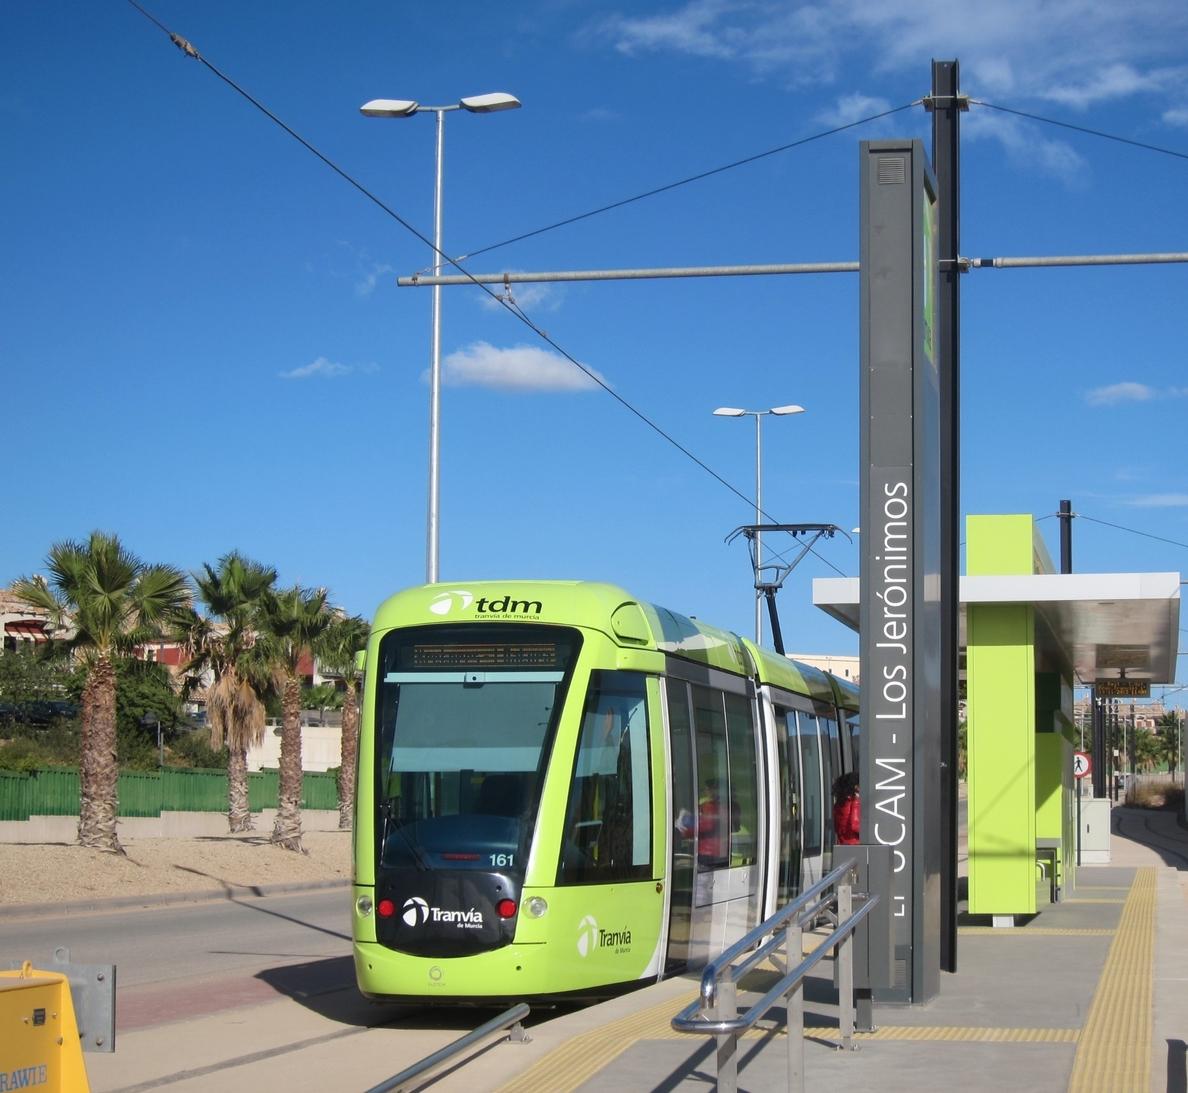 Habrá servicio de tranvía cada 15 minutos durante el día del Bando de la Huerta